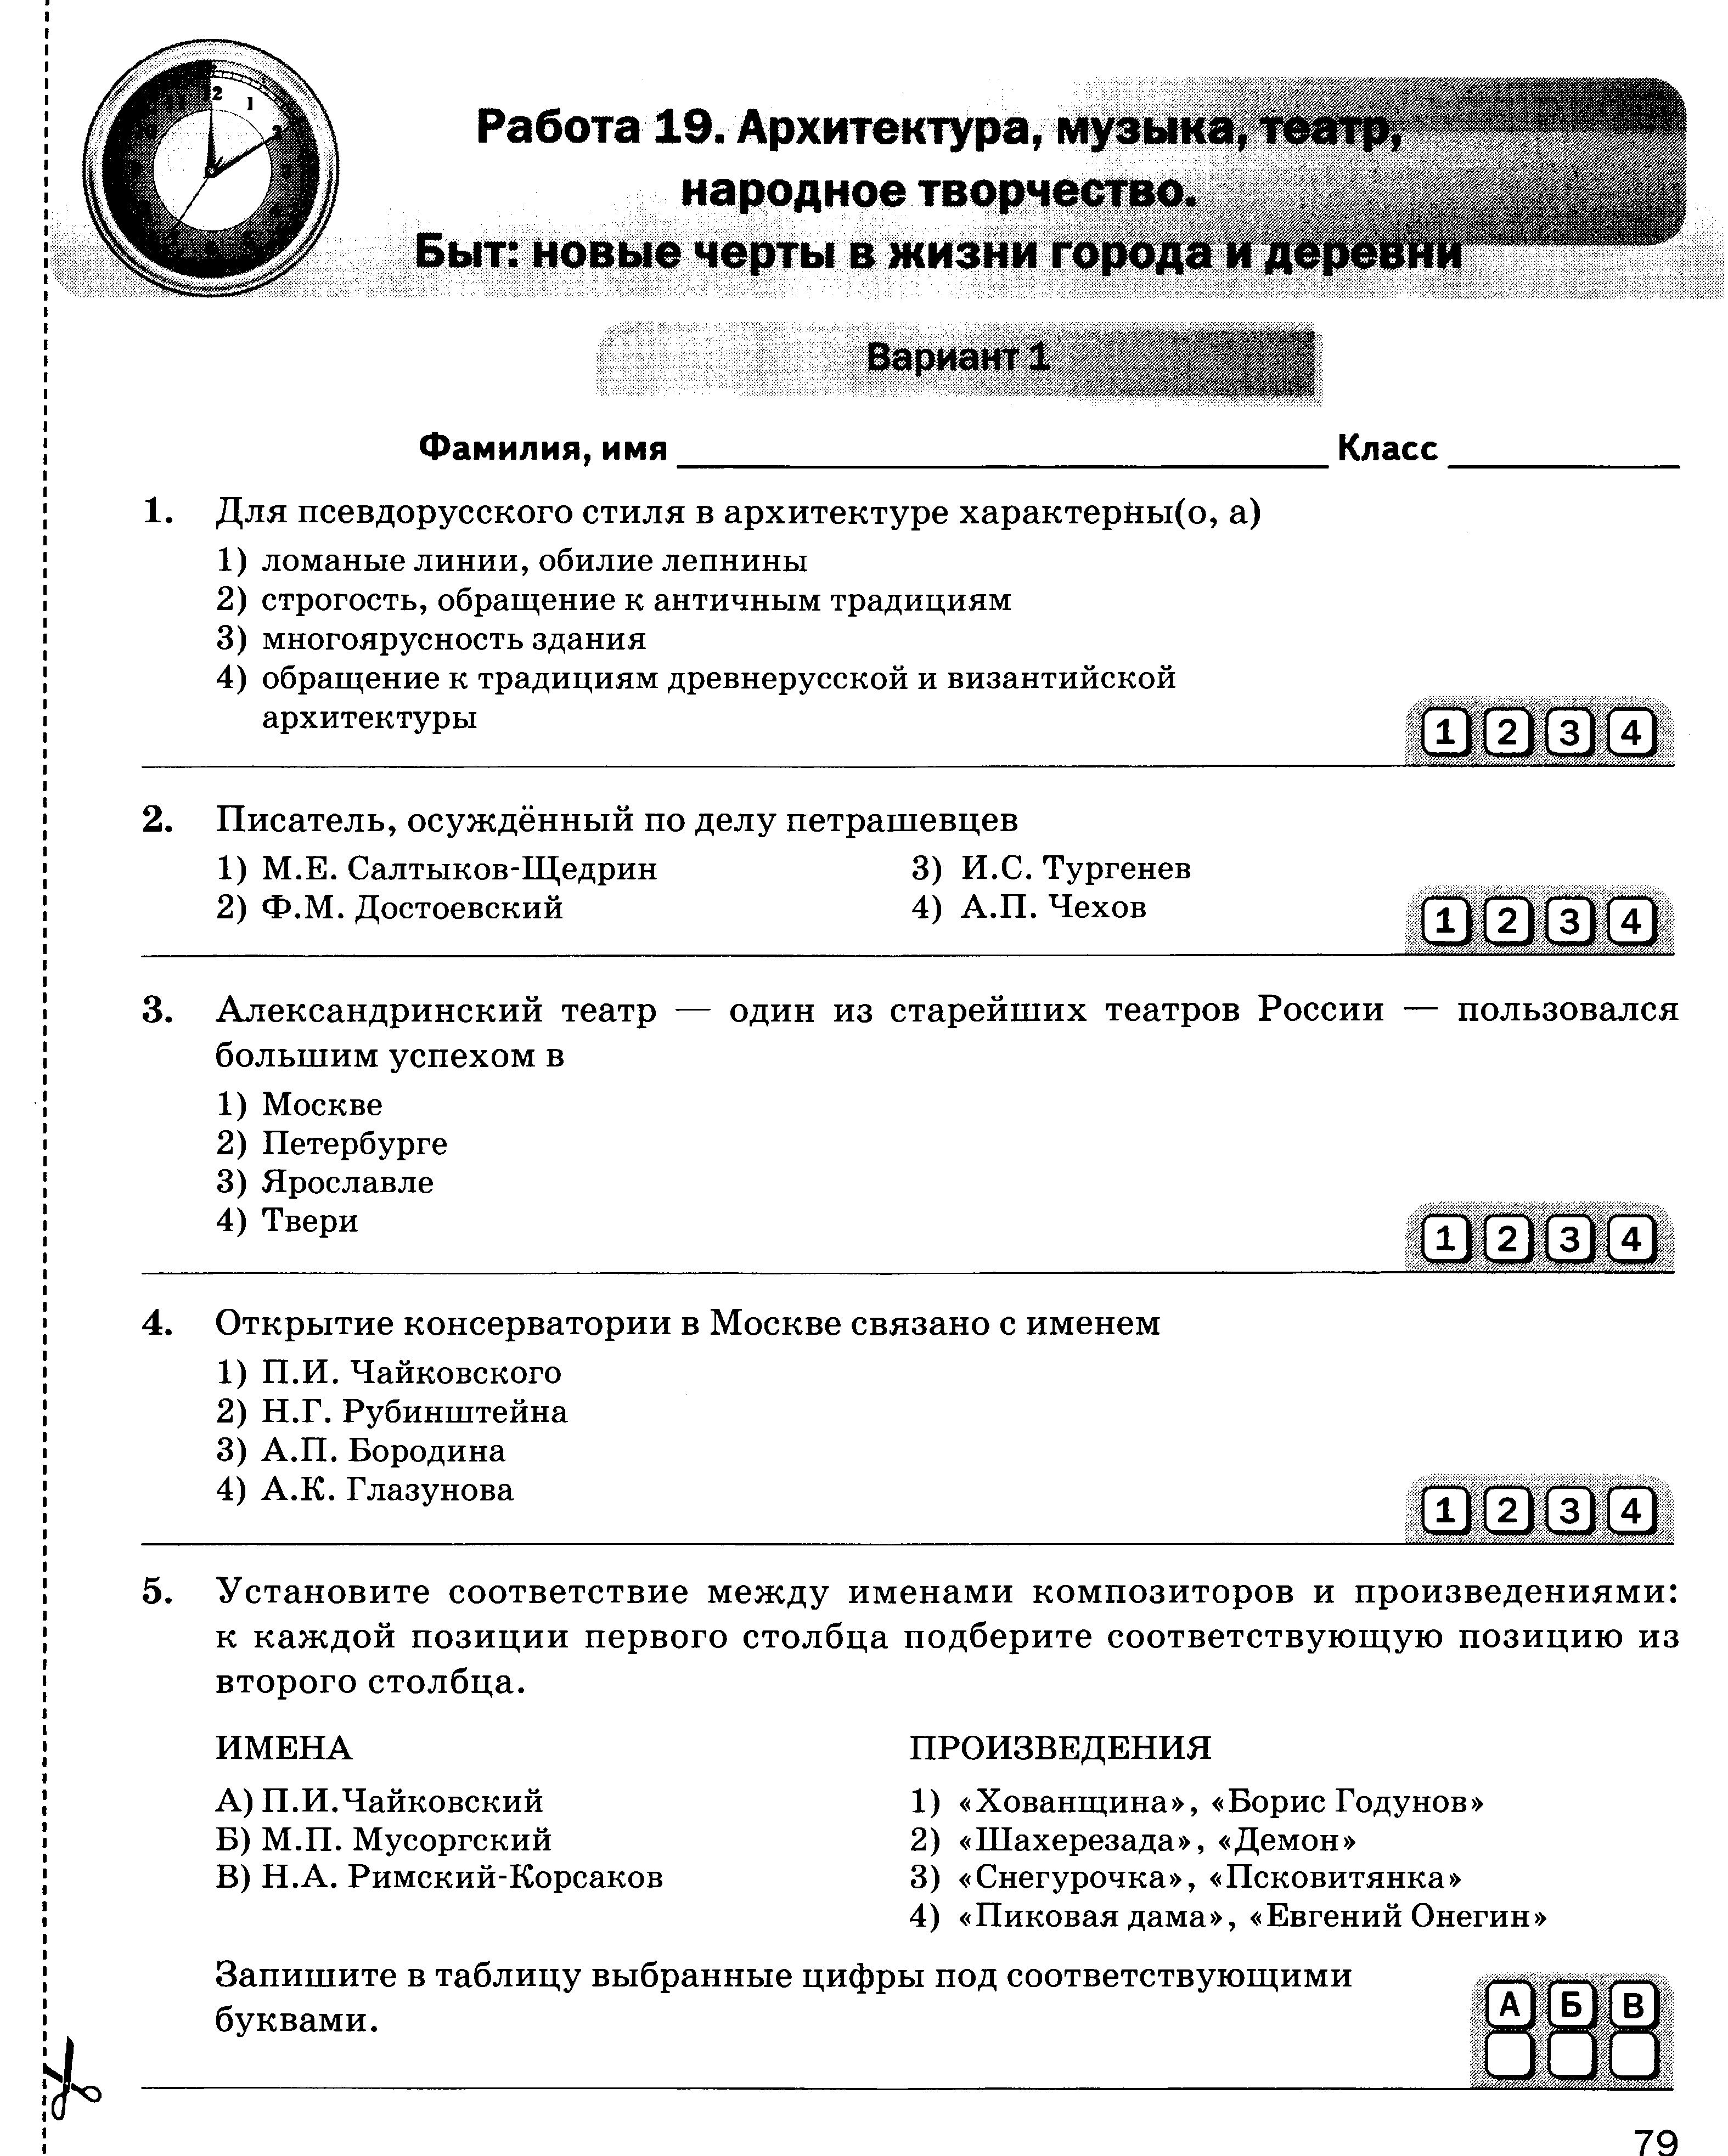 Контрольная работа по реформам александра 2 9071